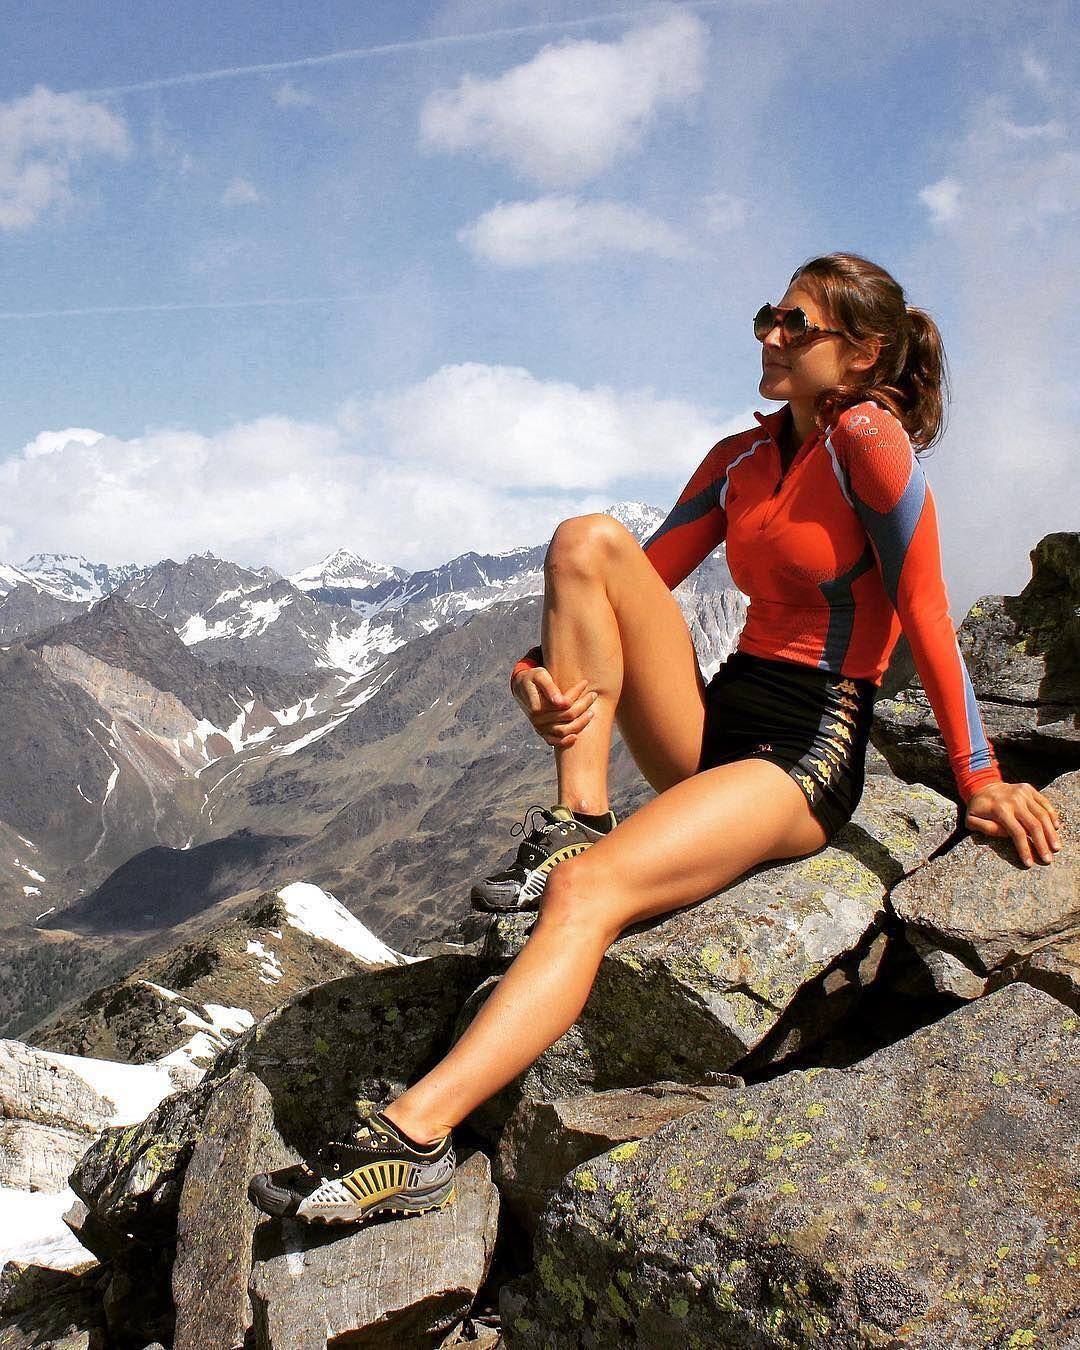 Ce n'est pas parce que l'on court qu'il ne faut pas s'arrêter un moment  pour admirer le paysage! | Climbing outfits, Rock climbing workout,  Climbing workout